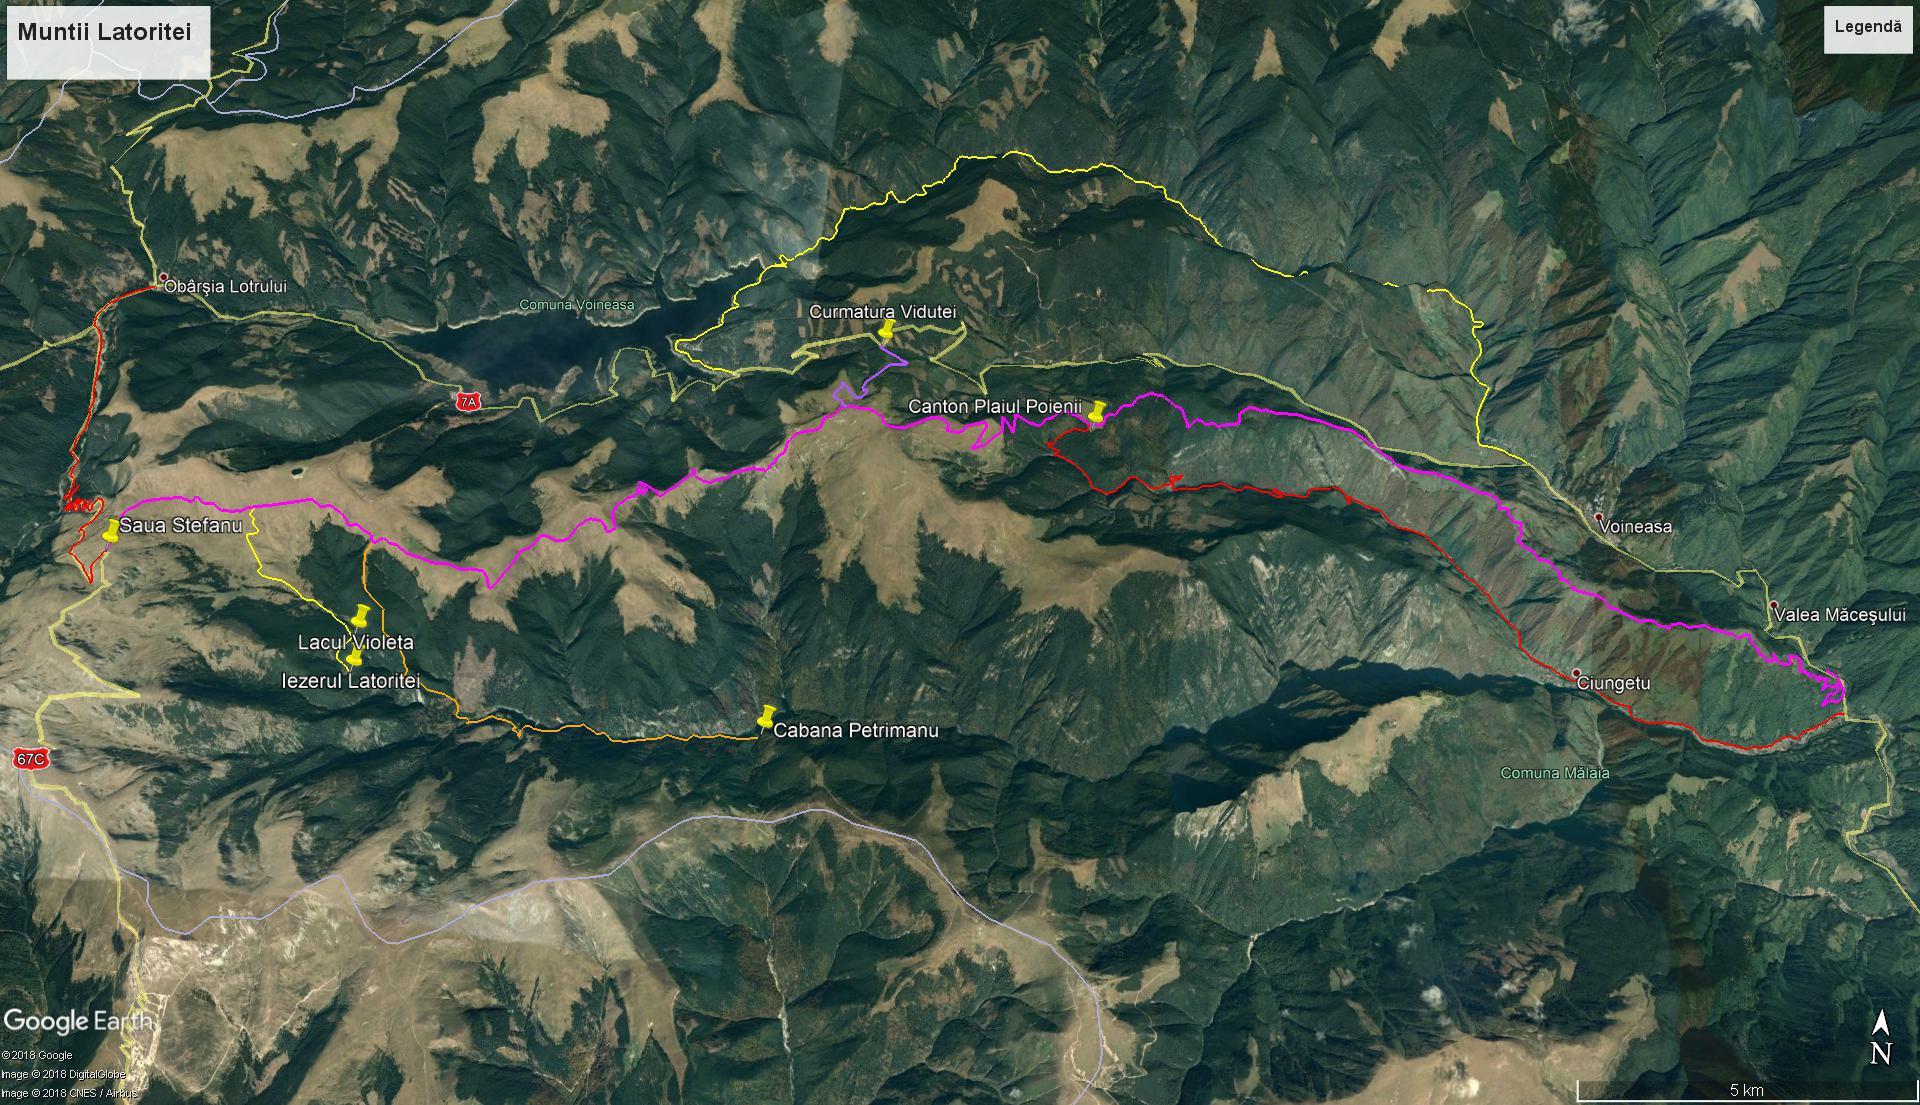 latoritei mountains map strategic road mountain-biking